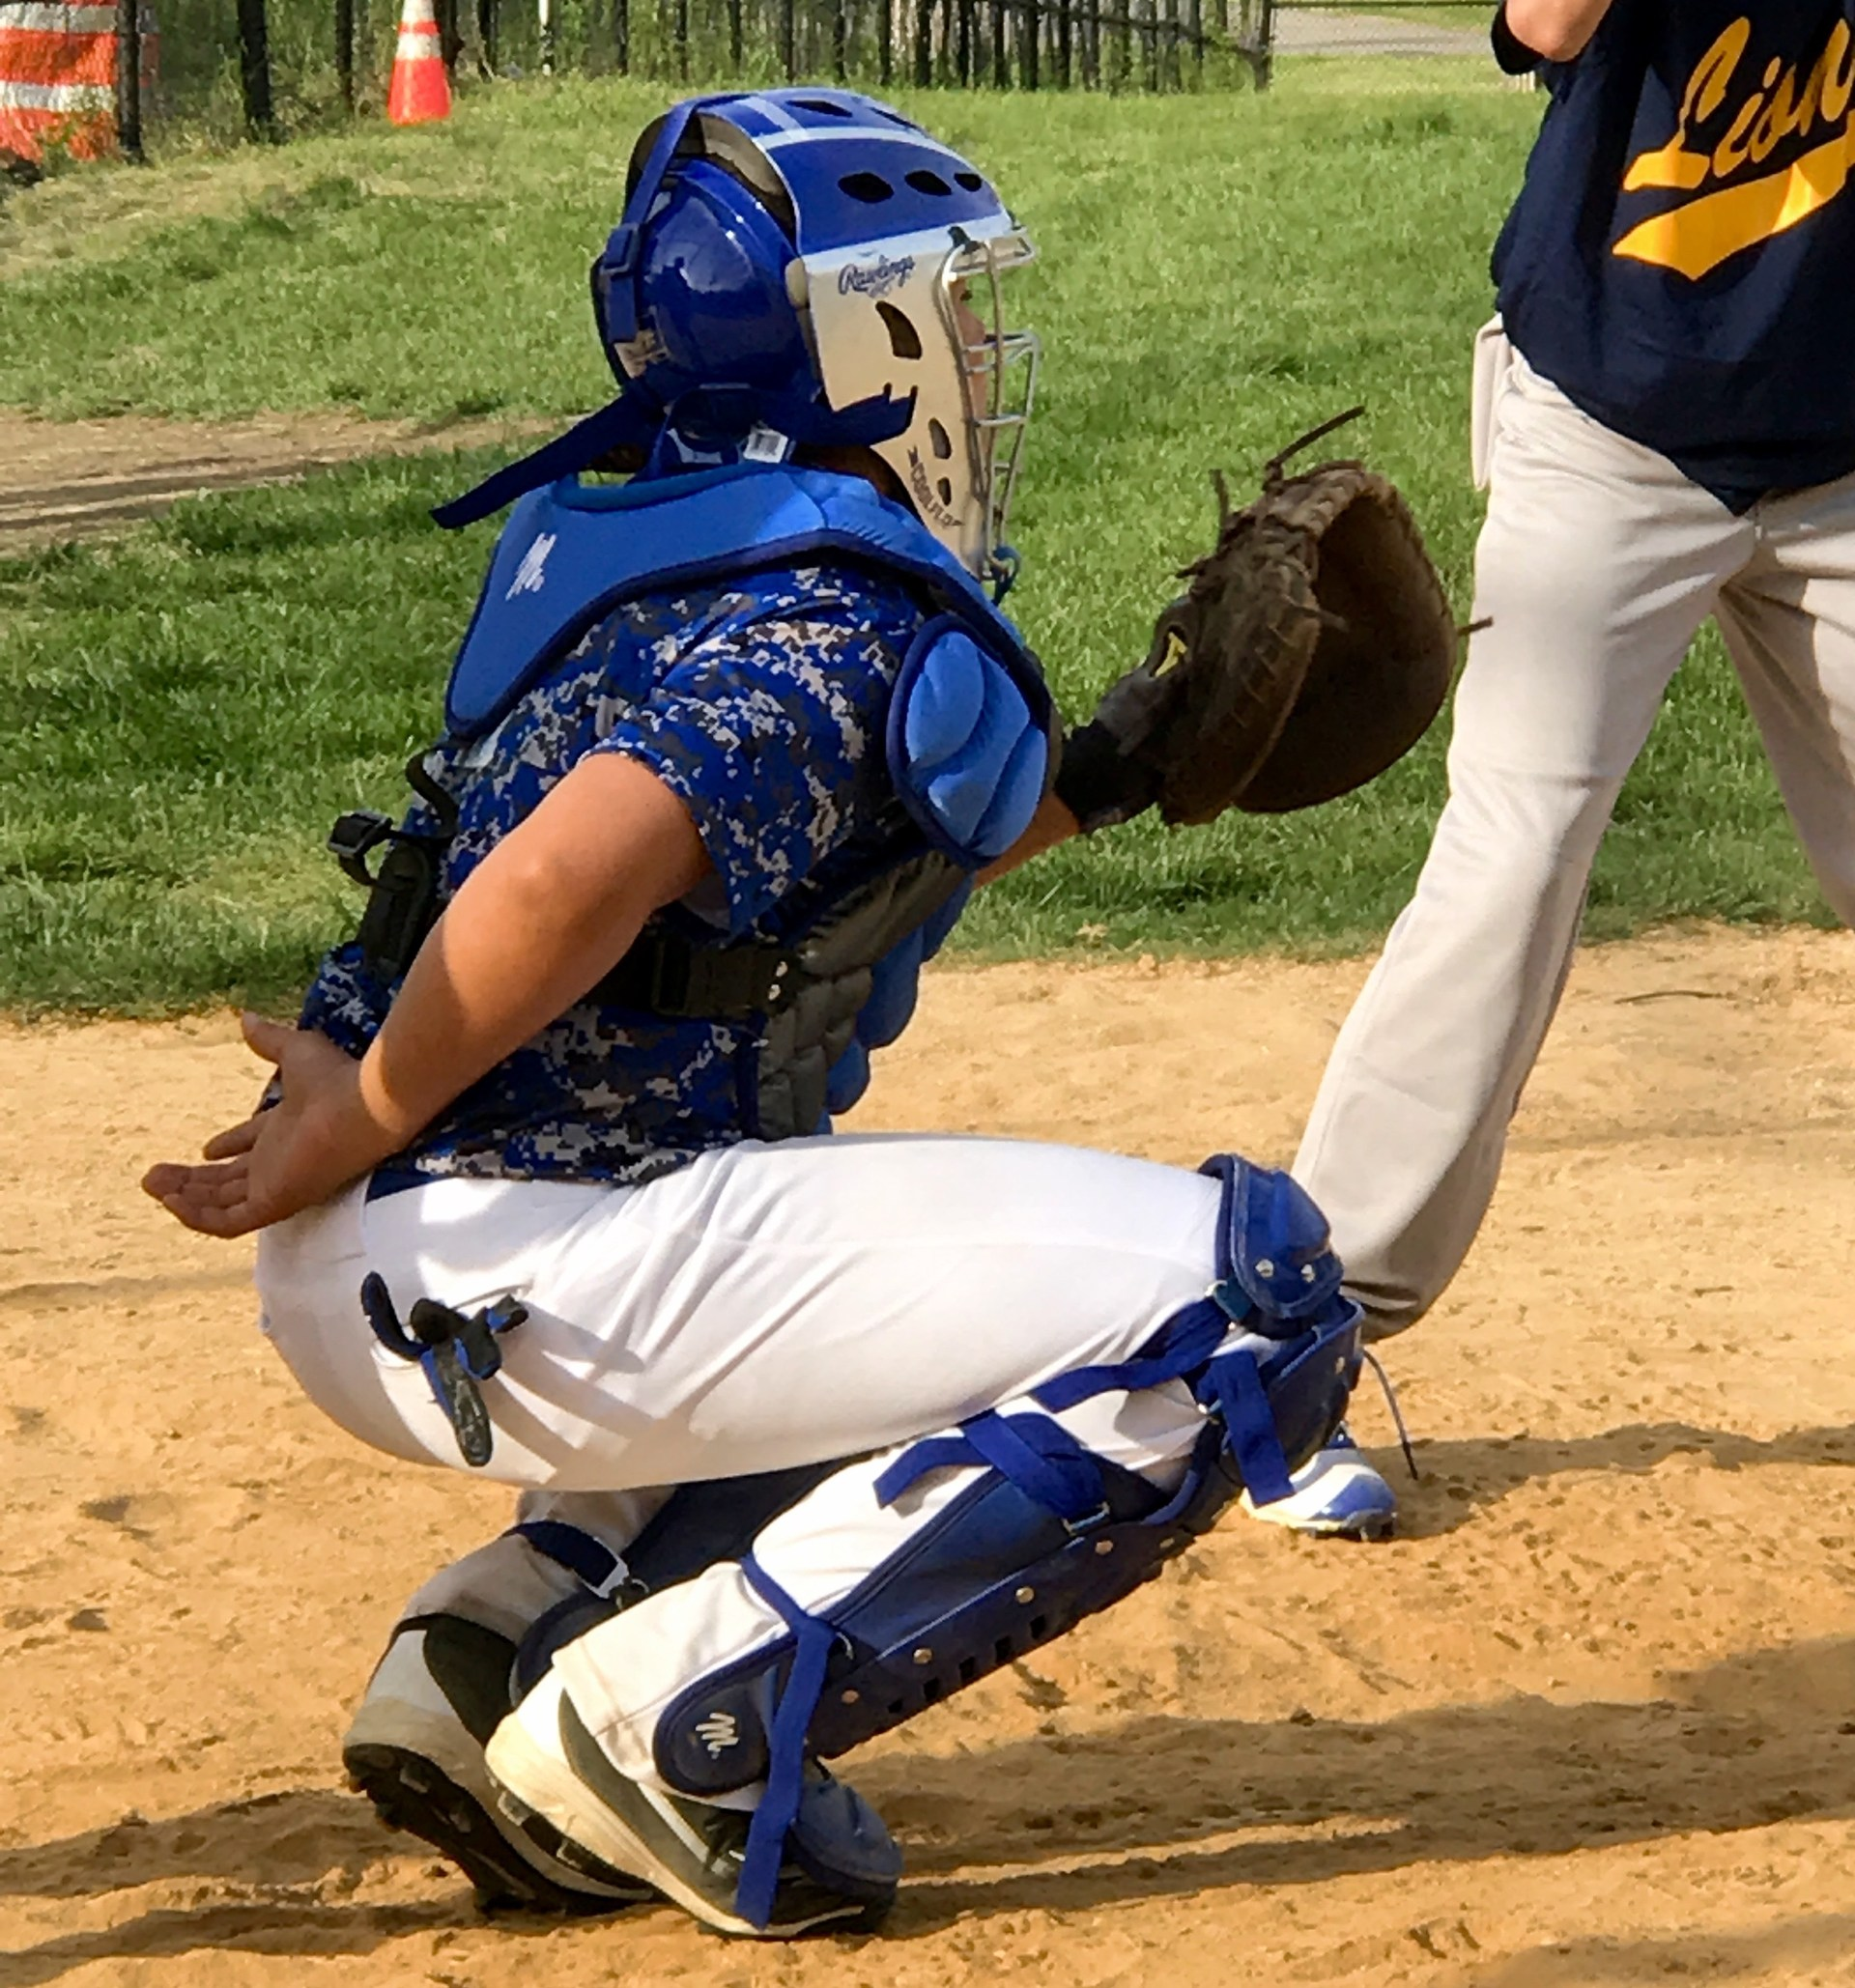 A batcatcher for the baseball team